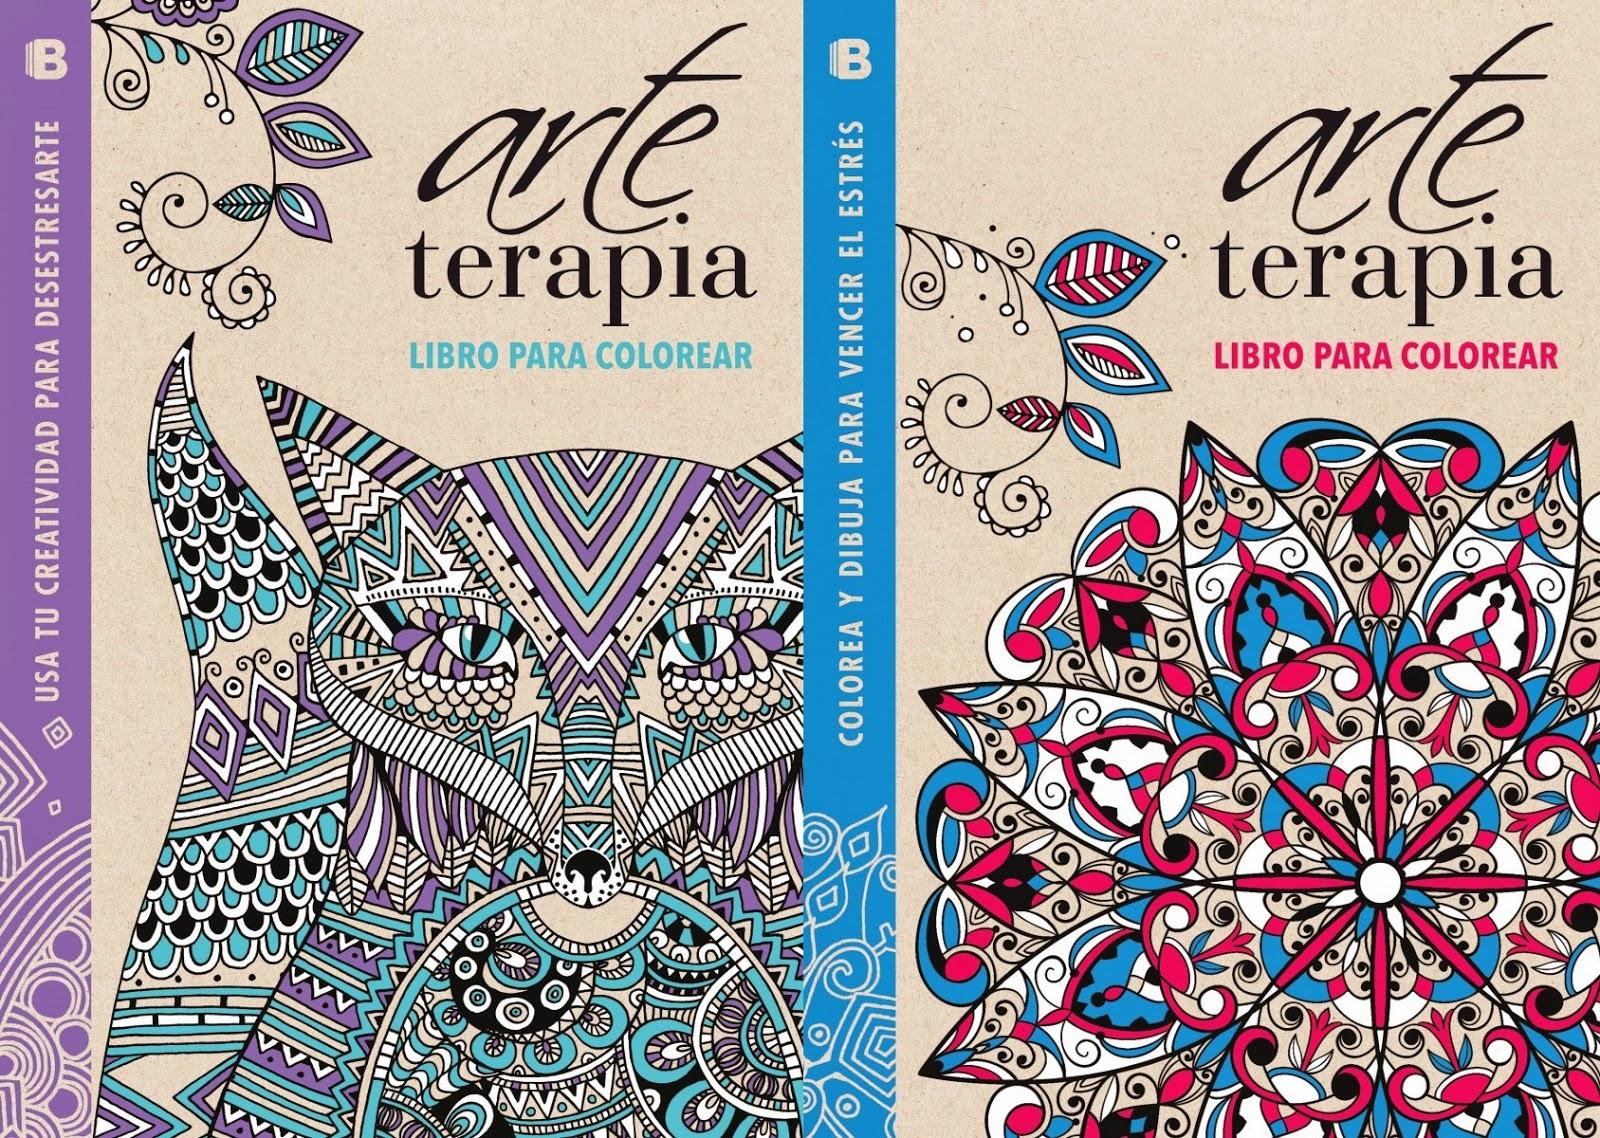 Moderno Donde Puedo Comprar Libros Para Colorear Colección - Dibujos ...